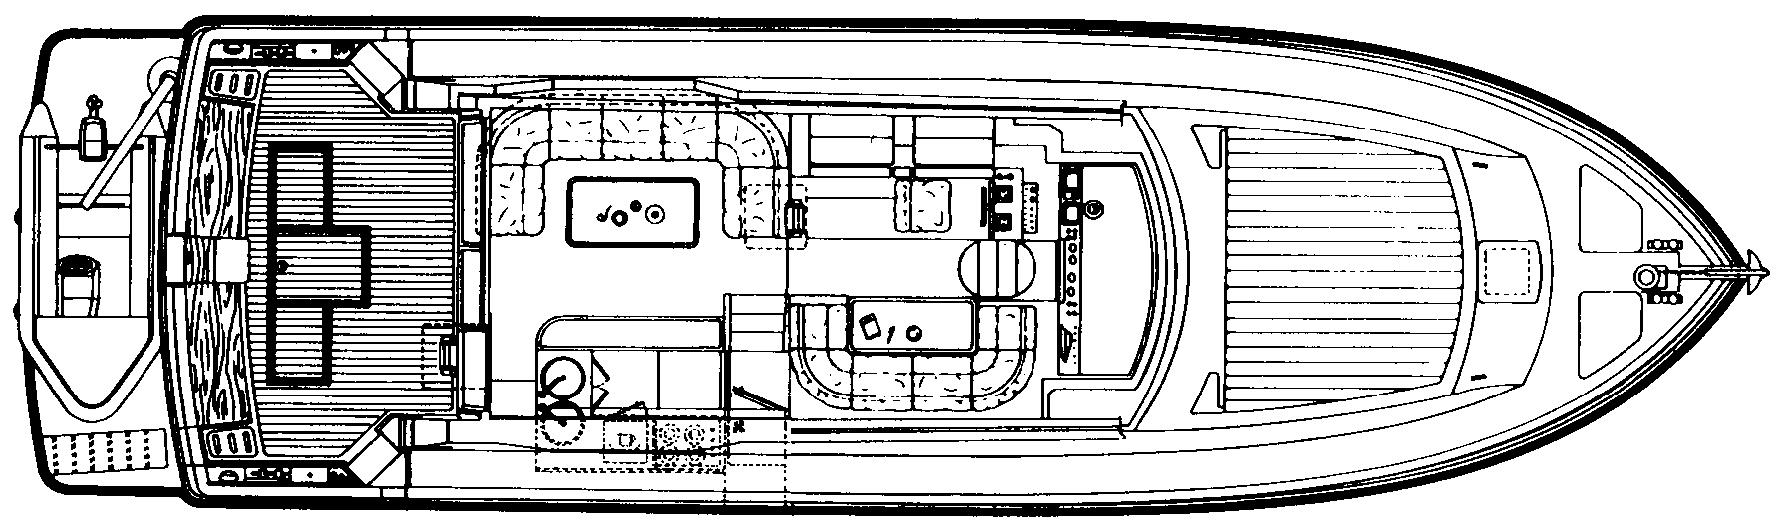 60 Floor Plan 2